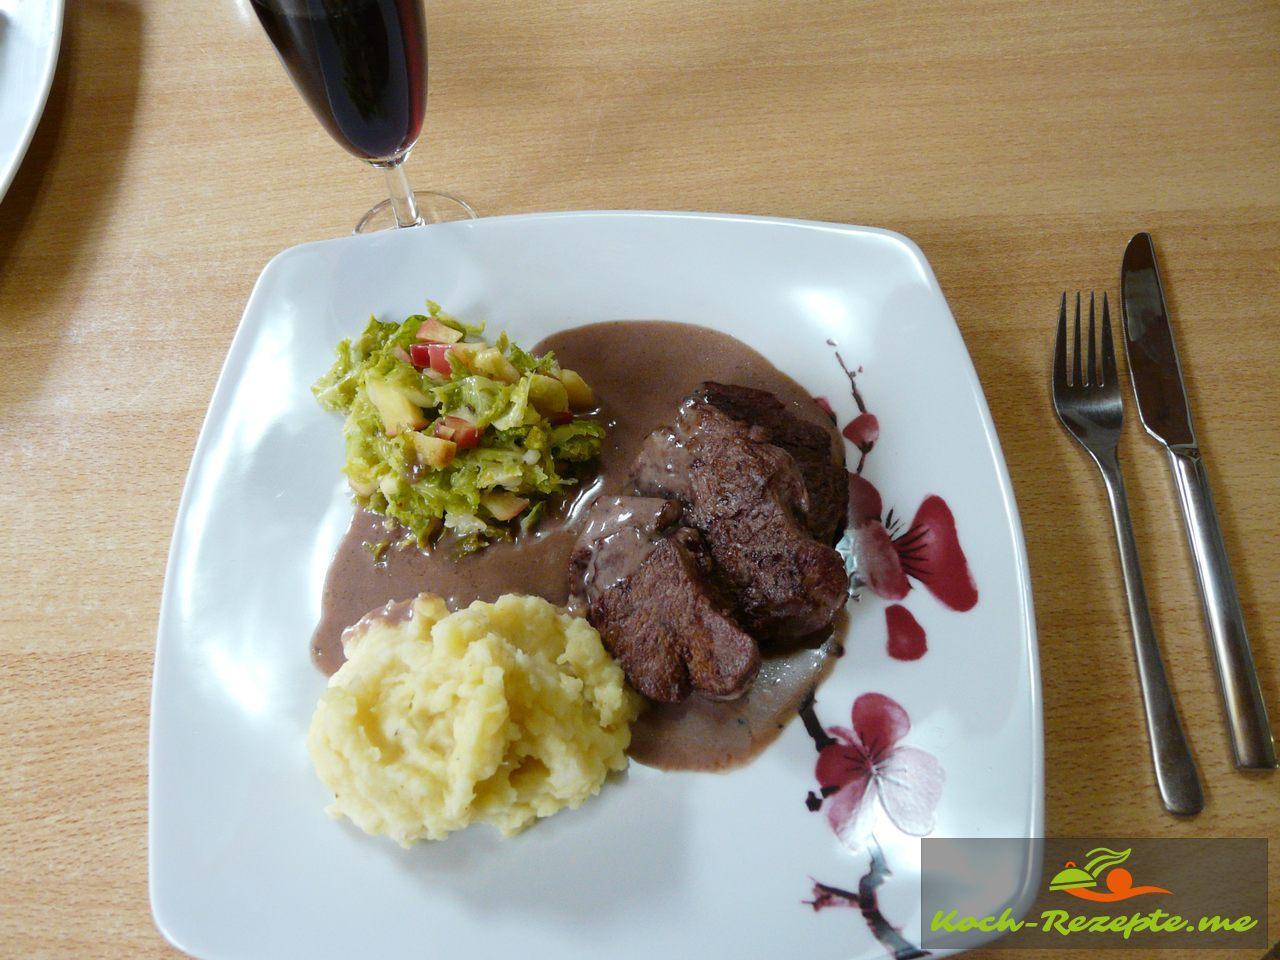 Erster Teller angerichtet mit Rehschnitzel in Wacholder-Rahmsauce